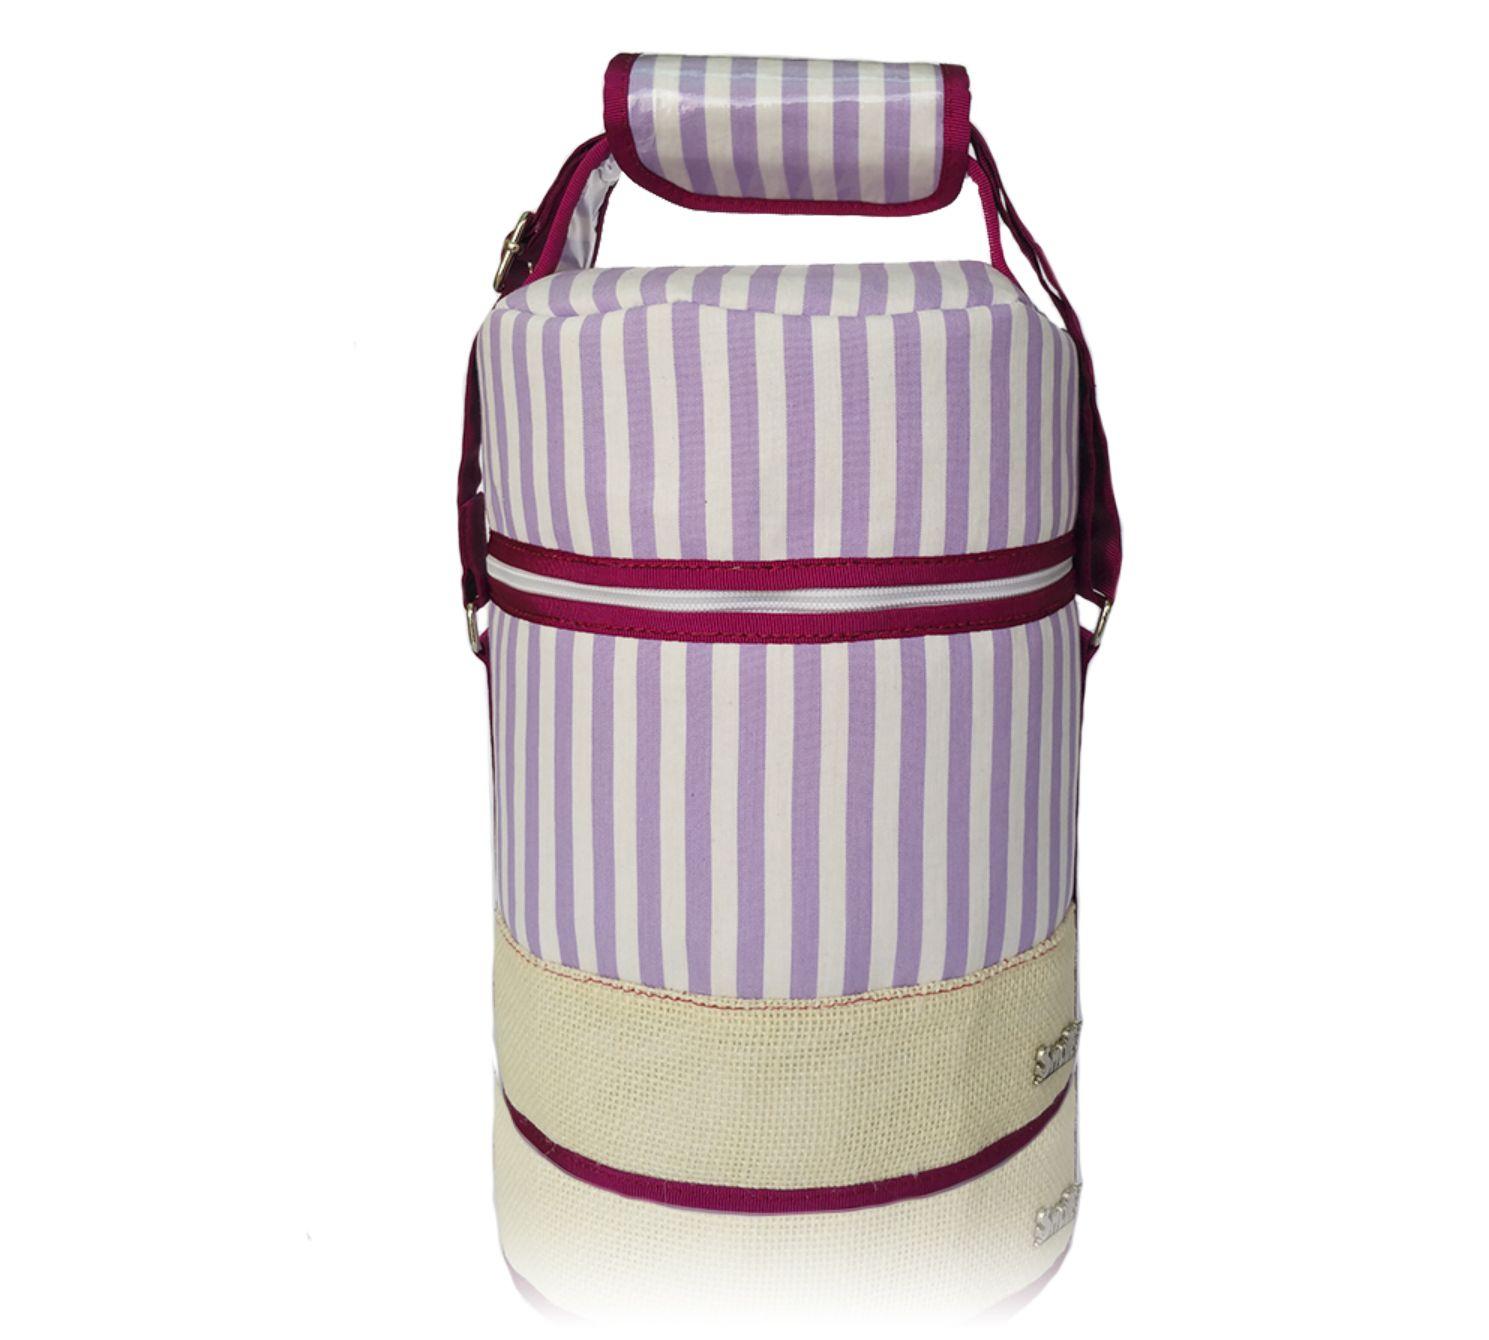 Práctico bolso porta alimentos isotérmico con exterior  de linea malva y blanco combinado con el saco blanco,  con capacidad para 6 L. 4 tuppers circulares o cuadrados, bocadillos, termo inoxidable de hasta 500 ml. sandwich, agua, latas de bebida, etc….